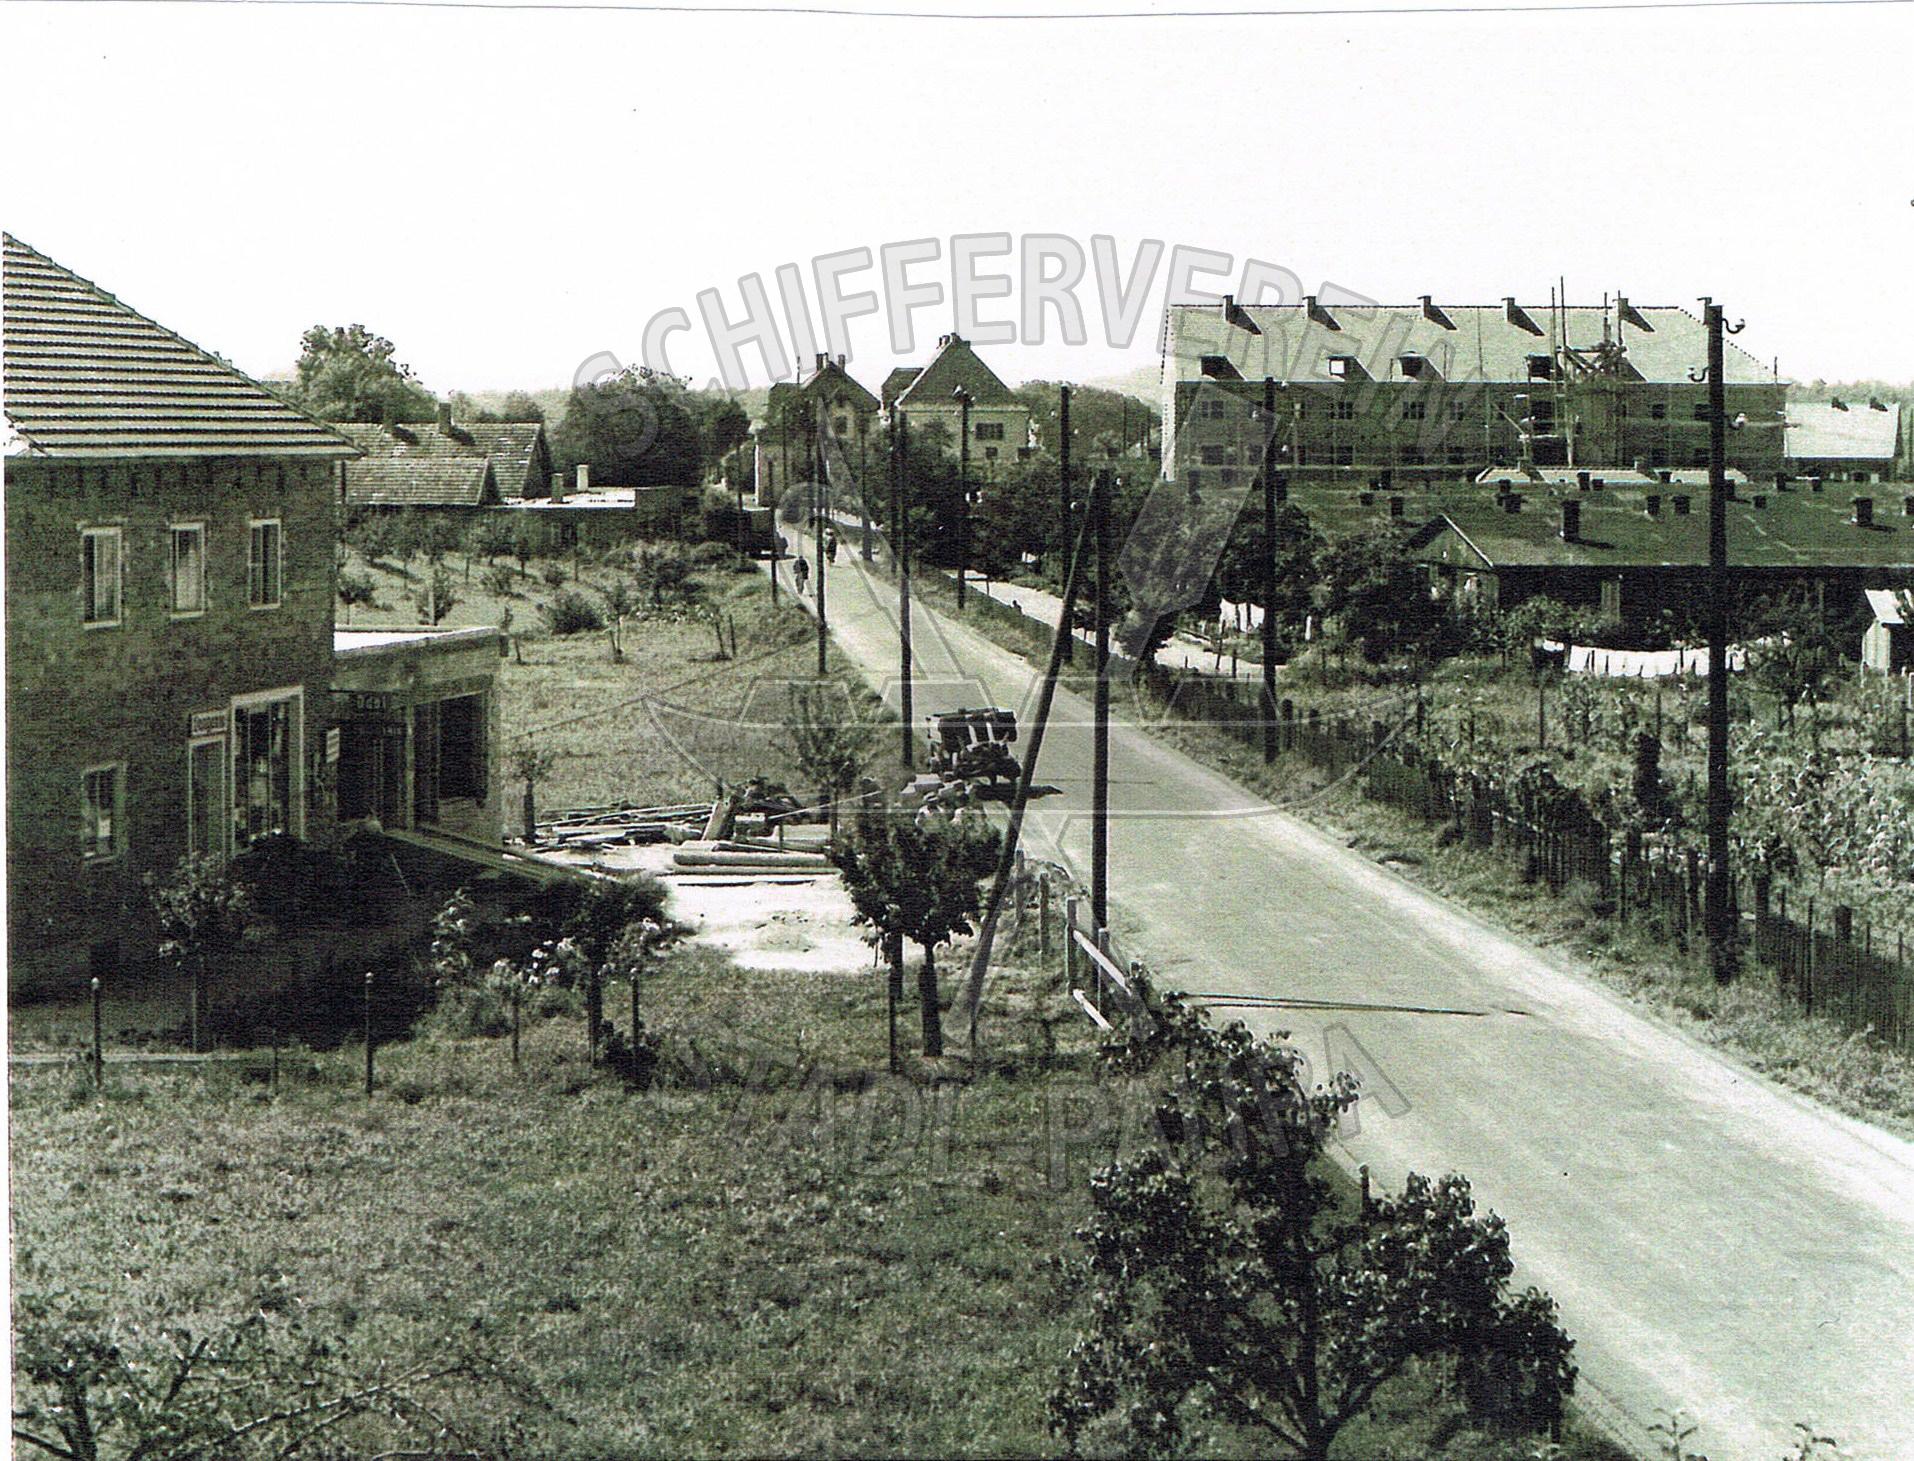 113.1 Gebäude links Baumeister Weiss,in späterer Folge MIVA heute UNIQA Versicherung u. Kanzlei Stiefmüller Norbertwz